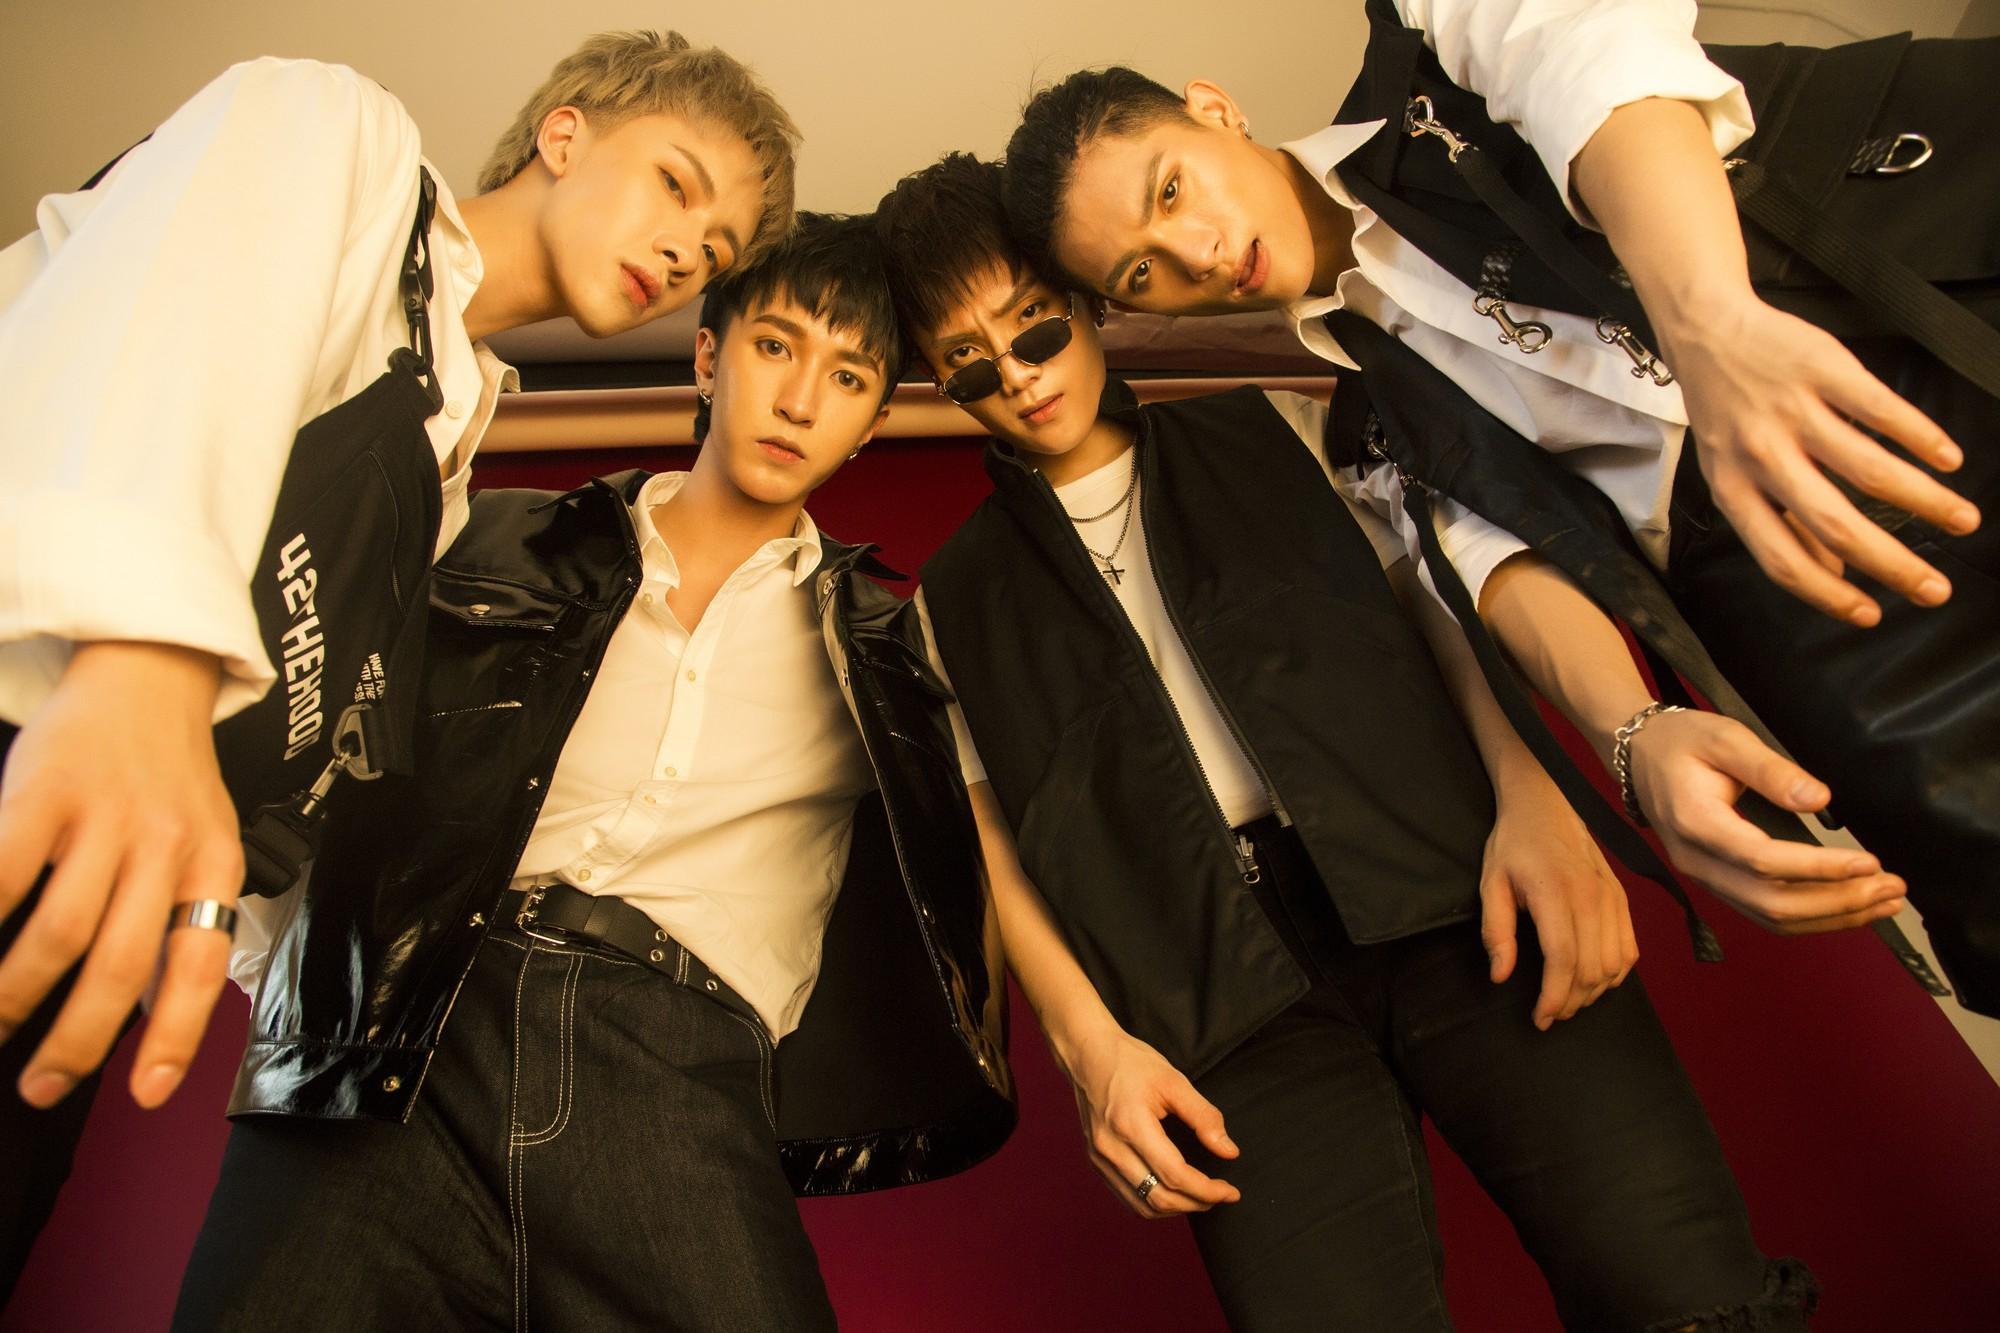 Monstar tung MV với đội hình 4 thành viên, kể chuyện về những người cố chấp níu kéo tình yêu đã hết - Ảnh 3.